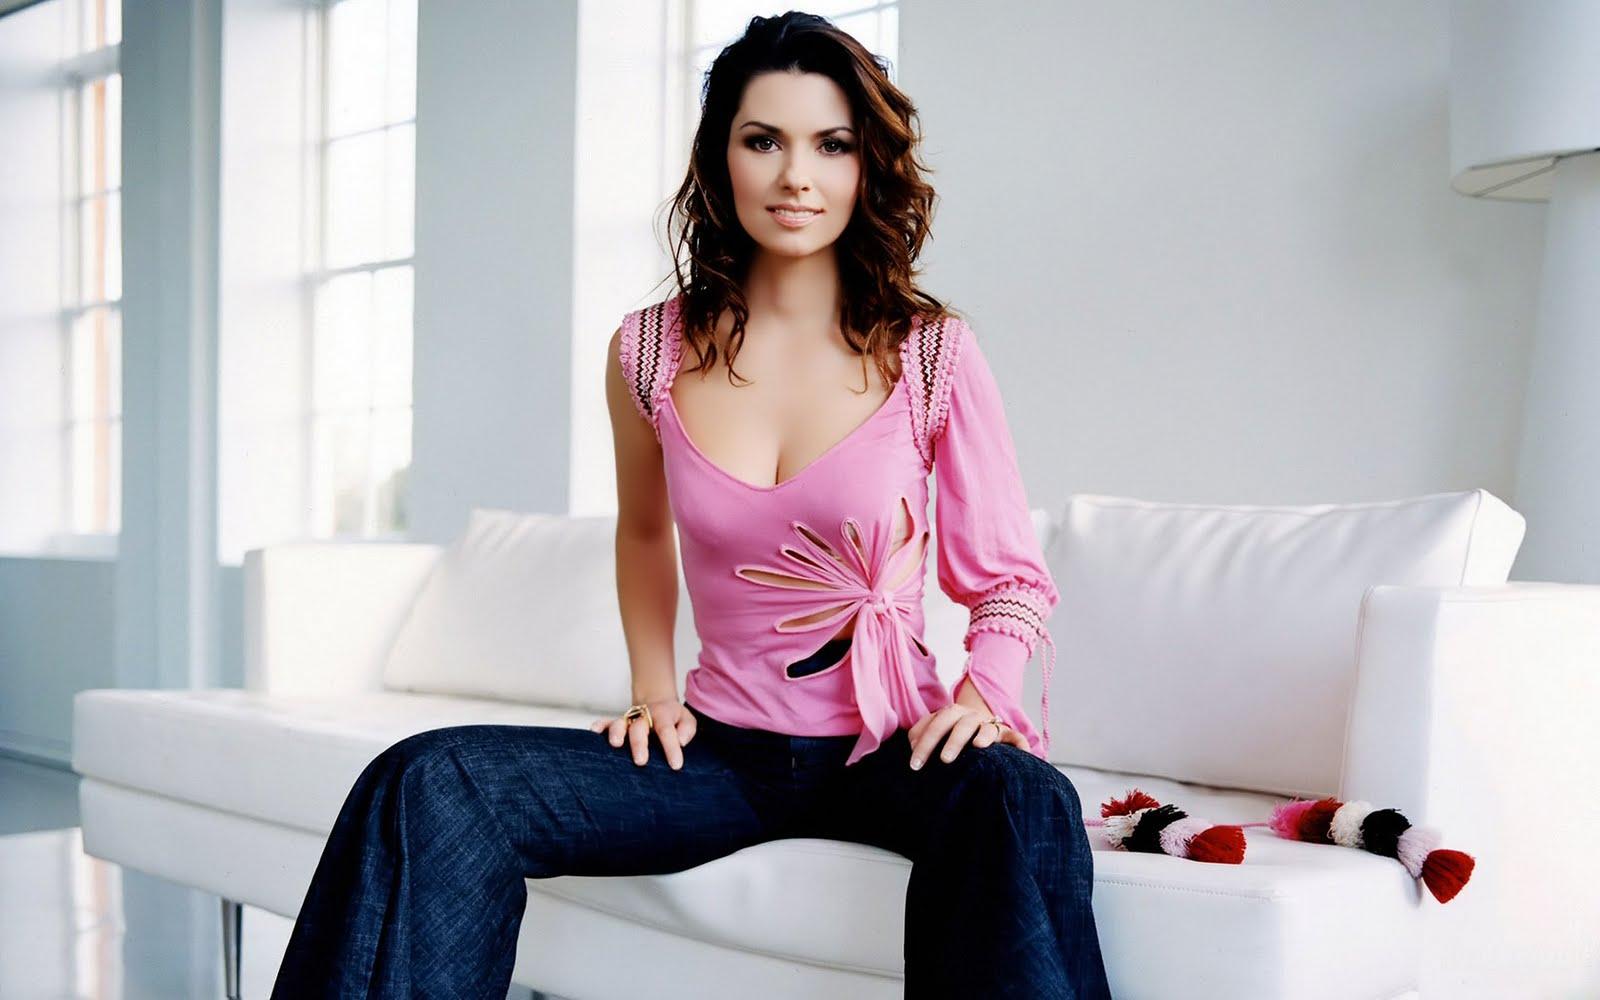 Shania Twain Hot